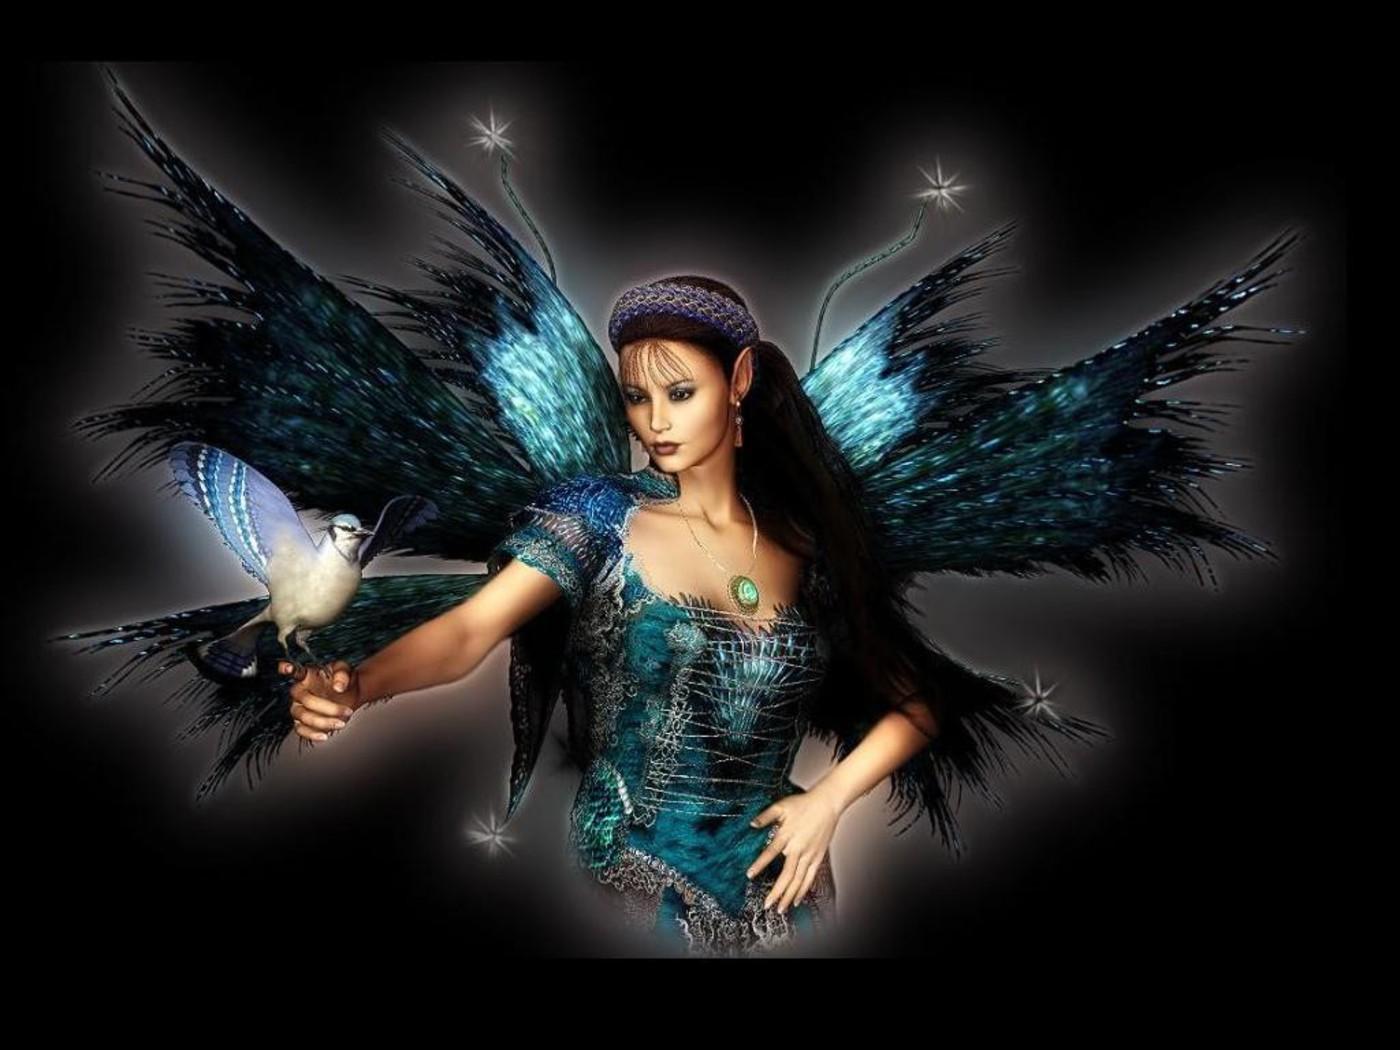 Beautiful Winter Angel Fairy Angel Hd Wallpaper Fairy Art